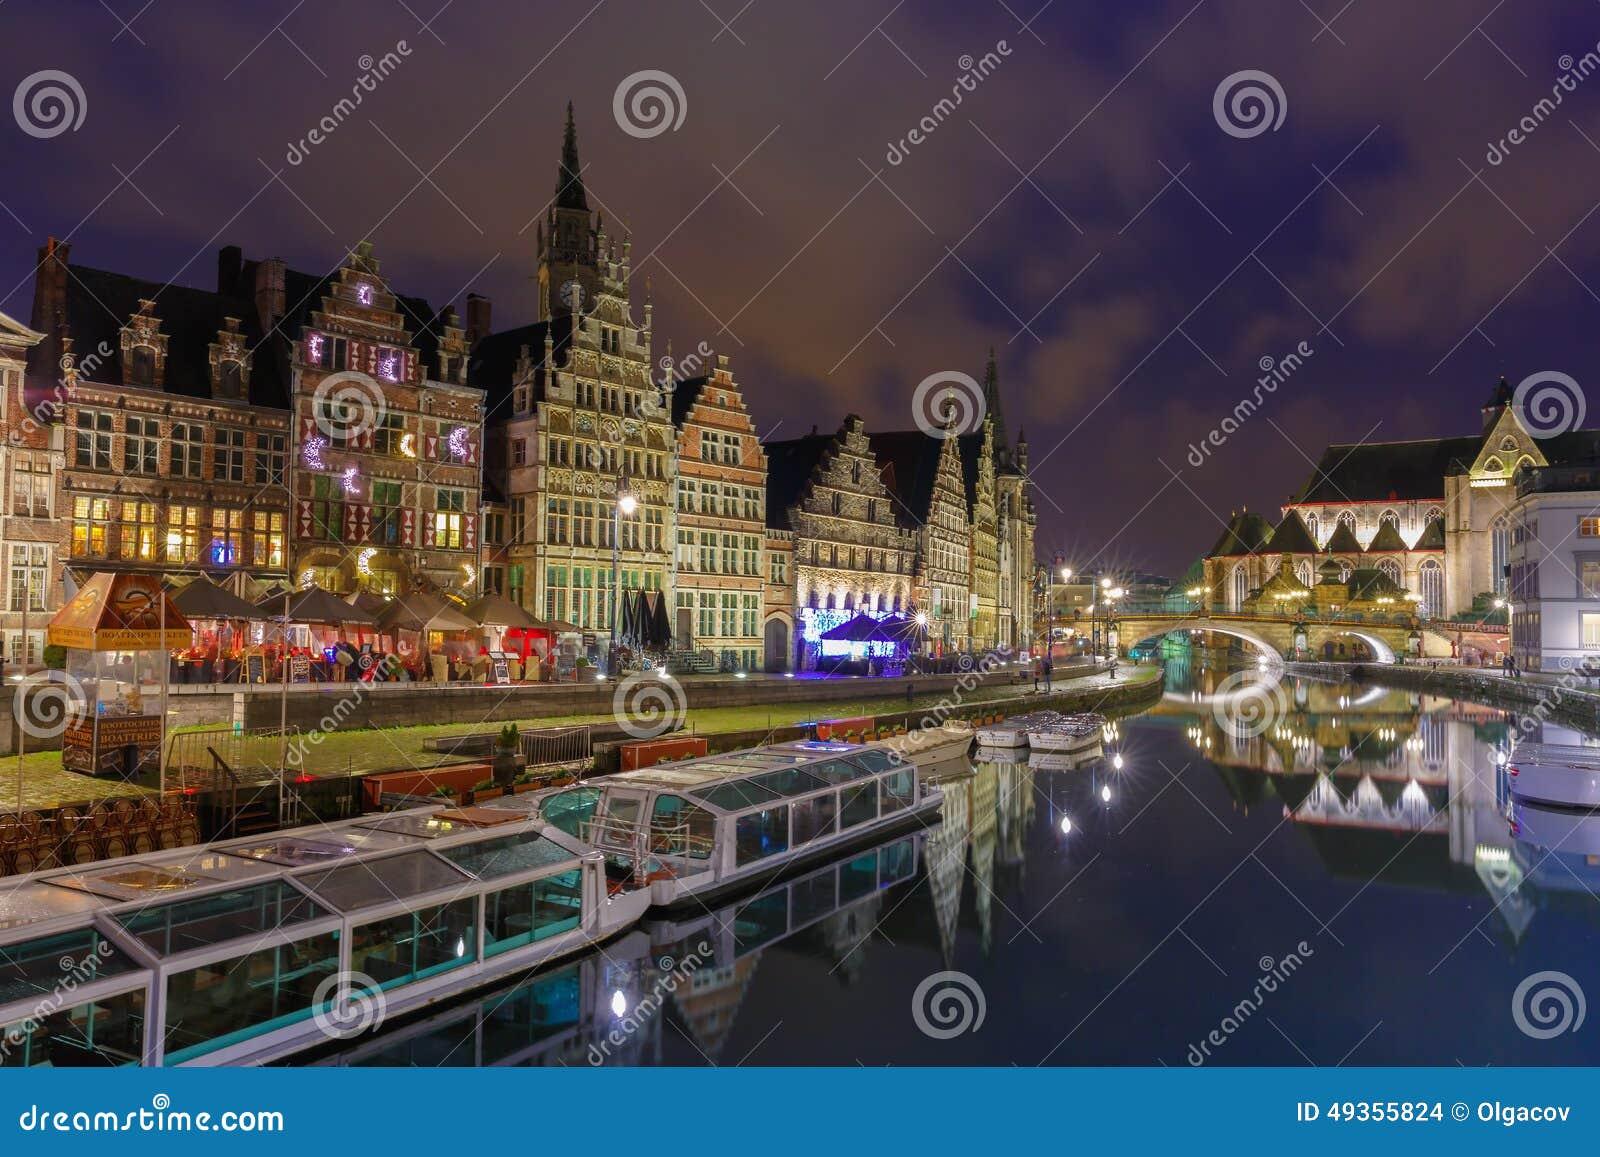 Kade Graslei in de stad van Gent bij avond, België